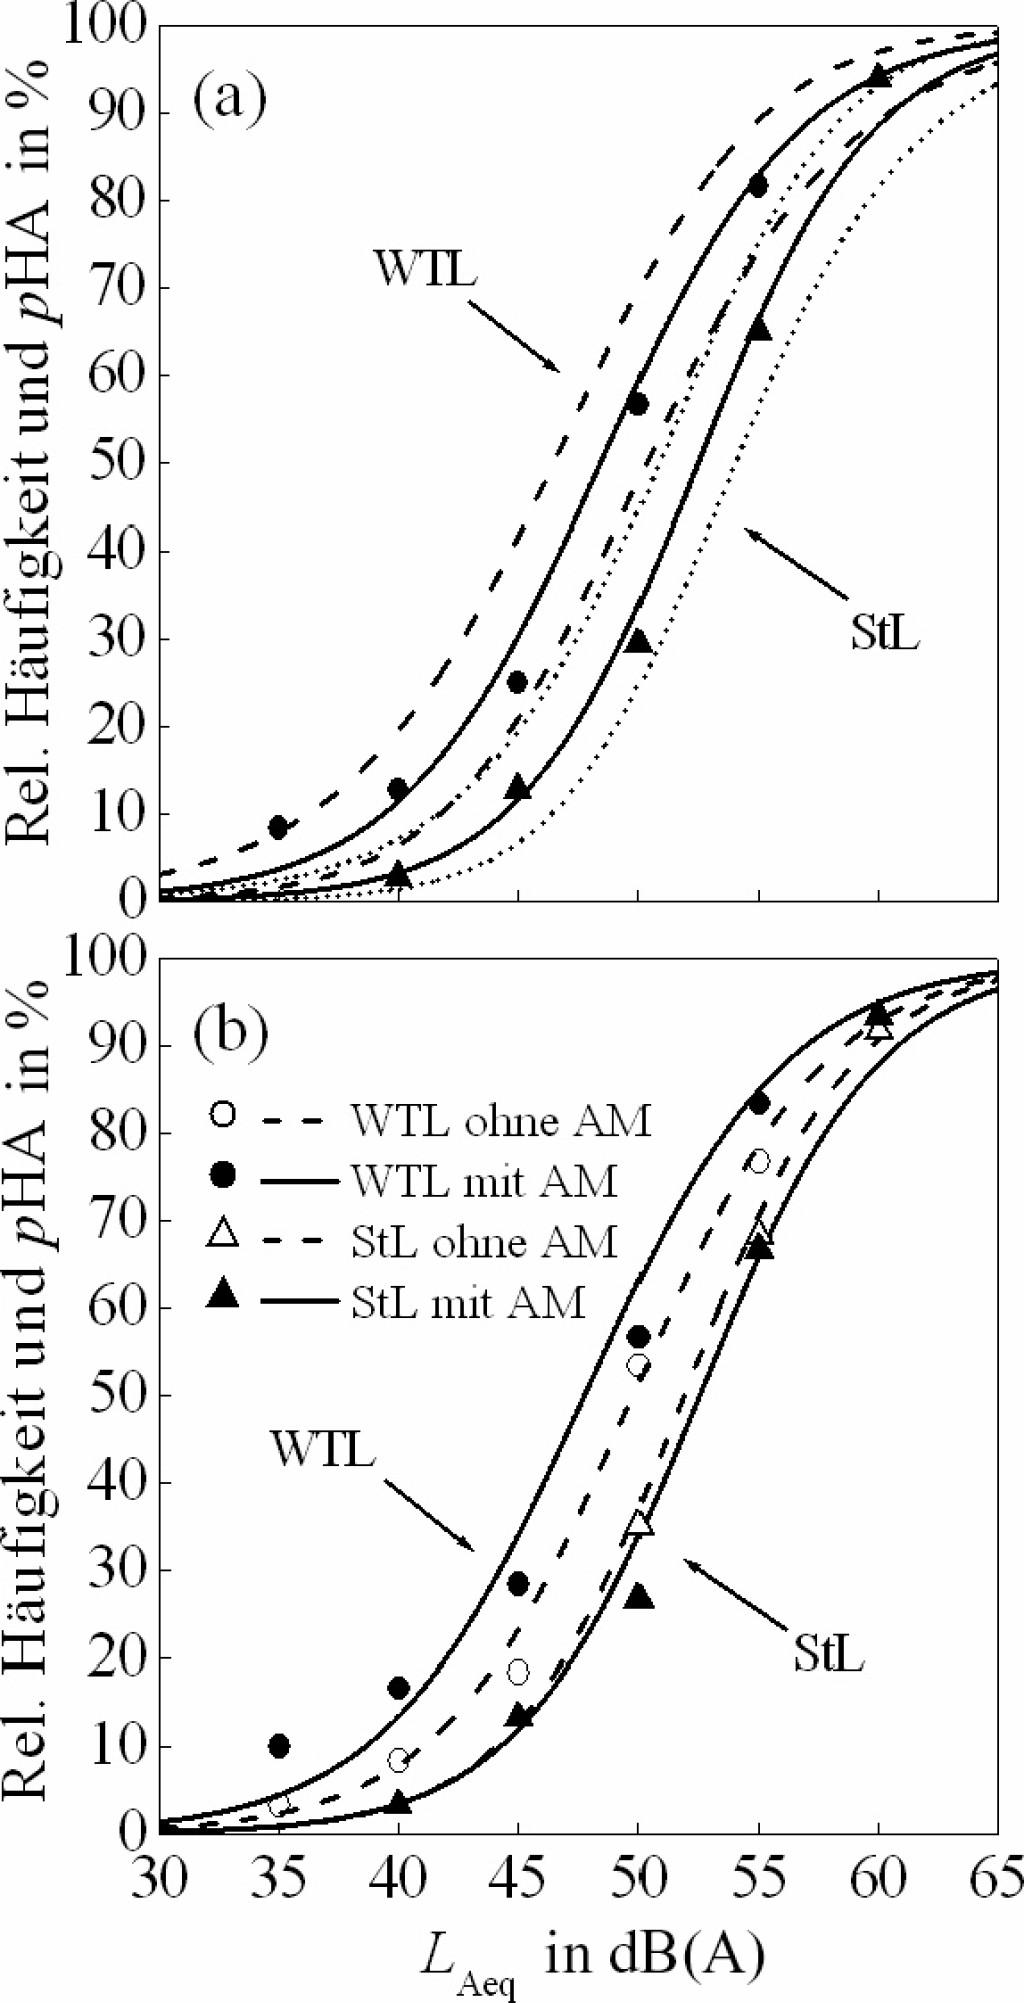 Bild 9 Relative Häufigkeiten (Symbole) und Wahrscheinlichkeit für starke Belästigung (pHA) in Abhängigkeit des Mittelungspegels (LAeq). (a) Gepoolte Daten [verschiedene Situationen von AM aller Windturbinen- (WTL) und Straßenlärm-Stimuli (StL)]; (b) WTL und StL ohne AM und mit periodischer (WTL) bzw. zufälliger (StL) AM. Symbole repräsentieren die Beobachtungen (WTL: Kreise; StL: Dreiecke) und Linien die entsprechenden logistischen Regressionsmodelle, in (a) mit 95%-Konfidenzintervallen. Quelle: BAFU (CH)